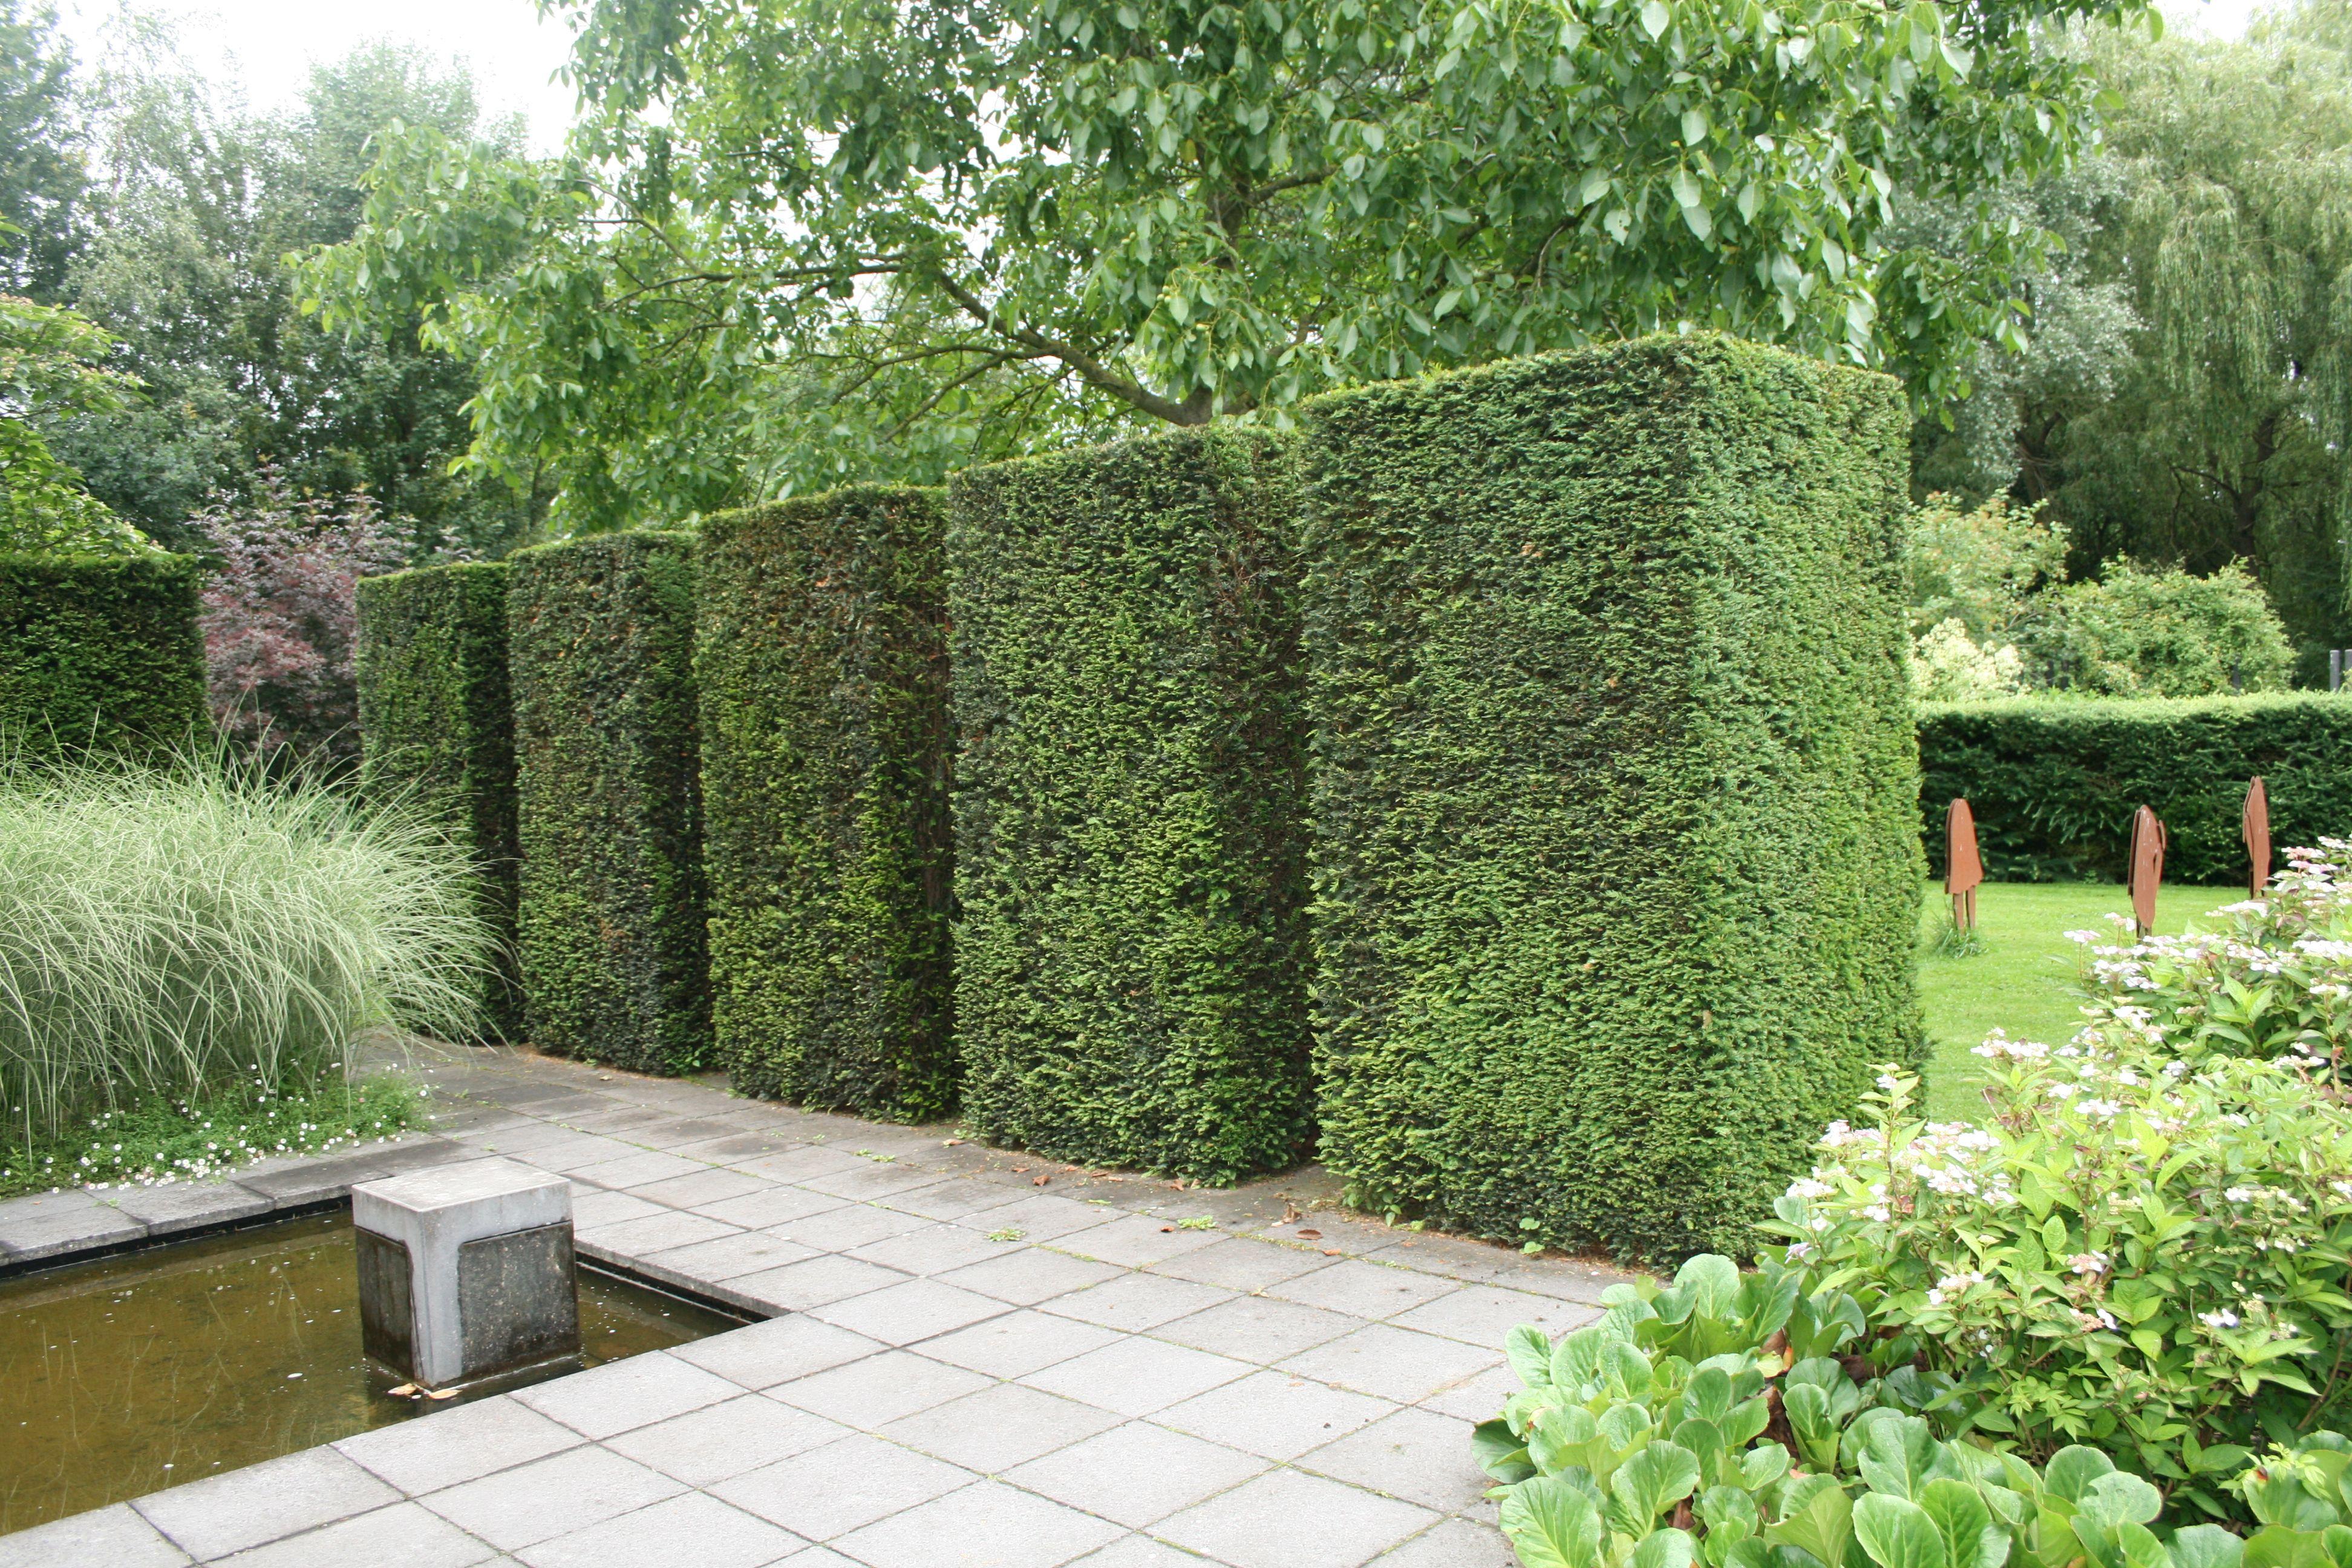 Formschnitt Eiben Wasser Im Garten Graser Wasser Im Garten Garten Moderne Gartenentwurfe